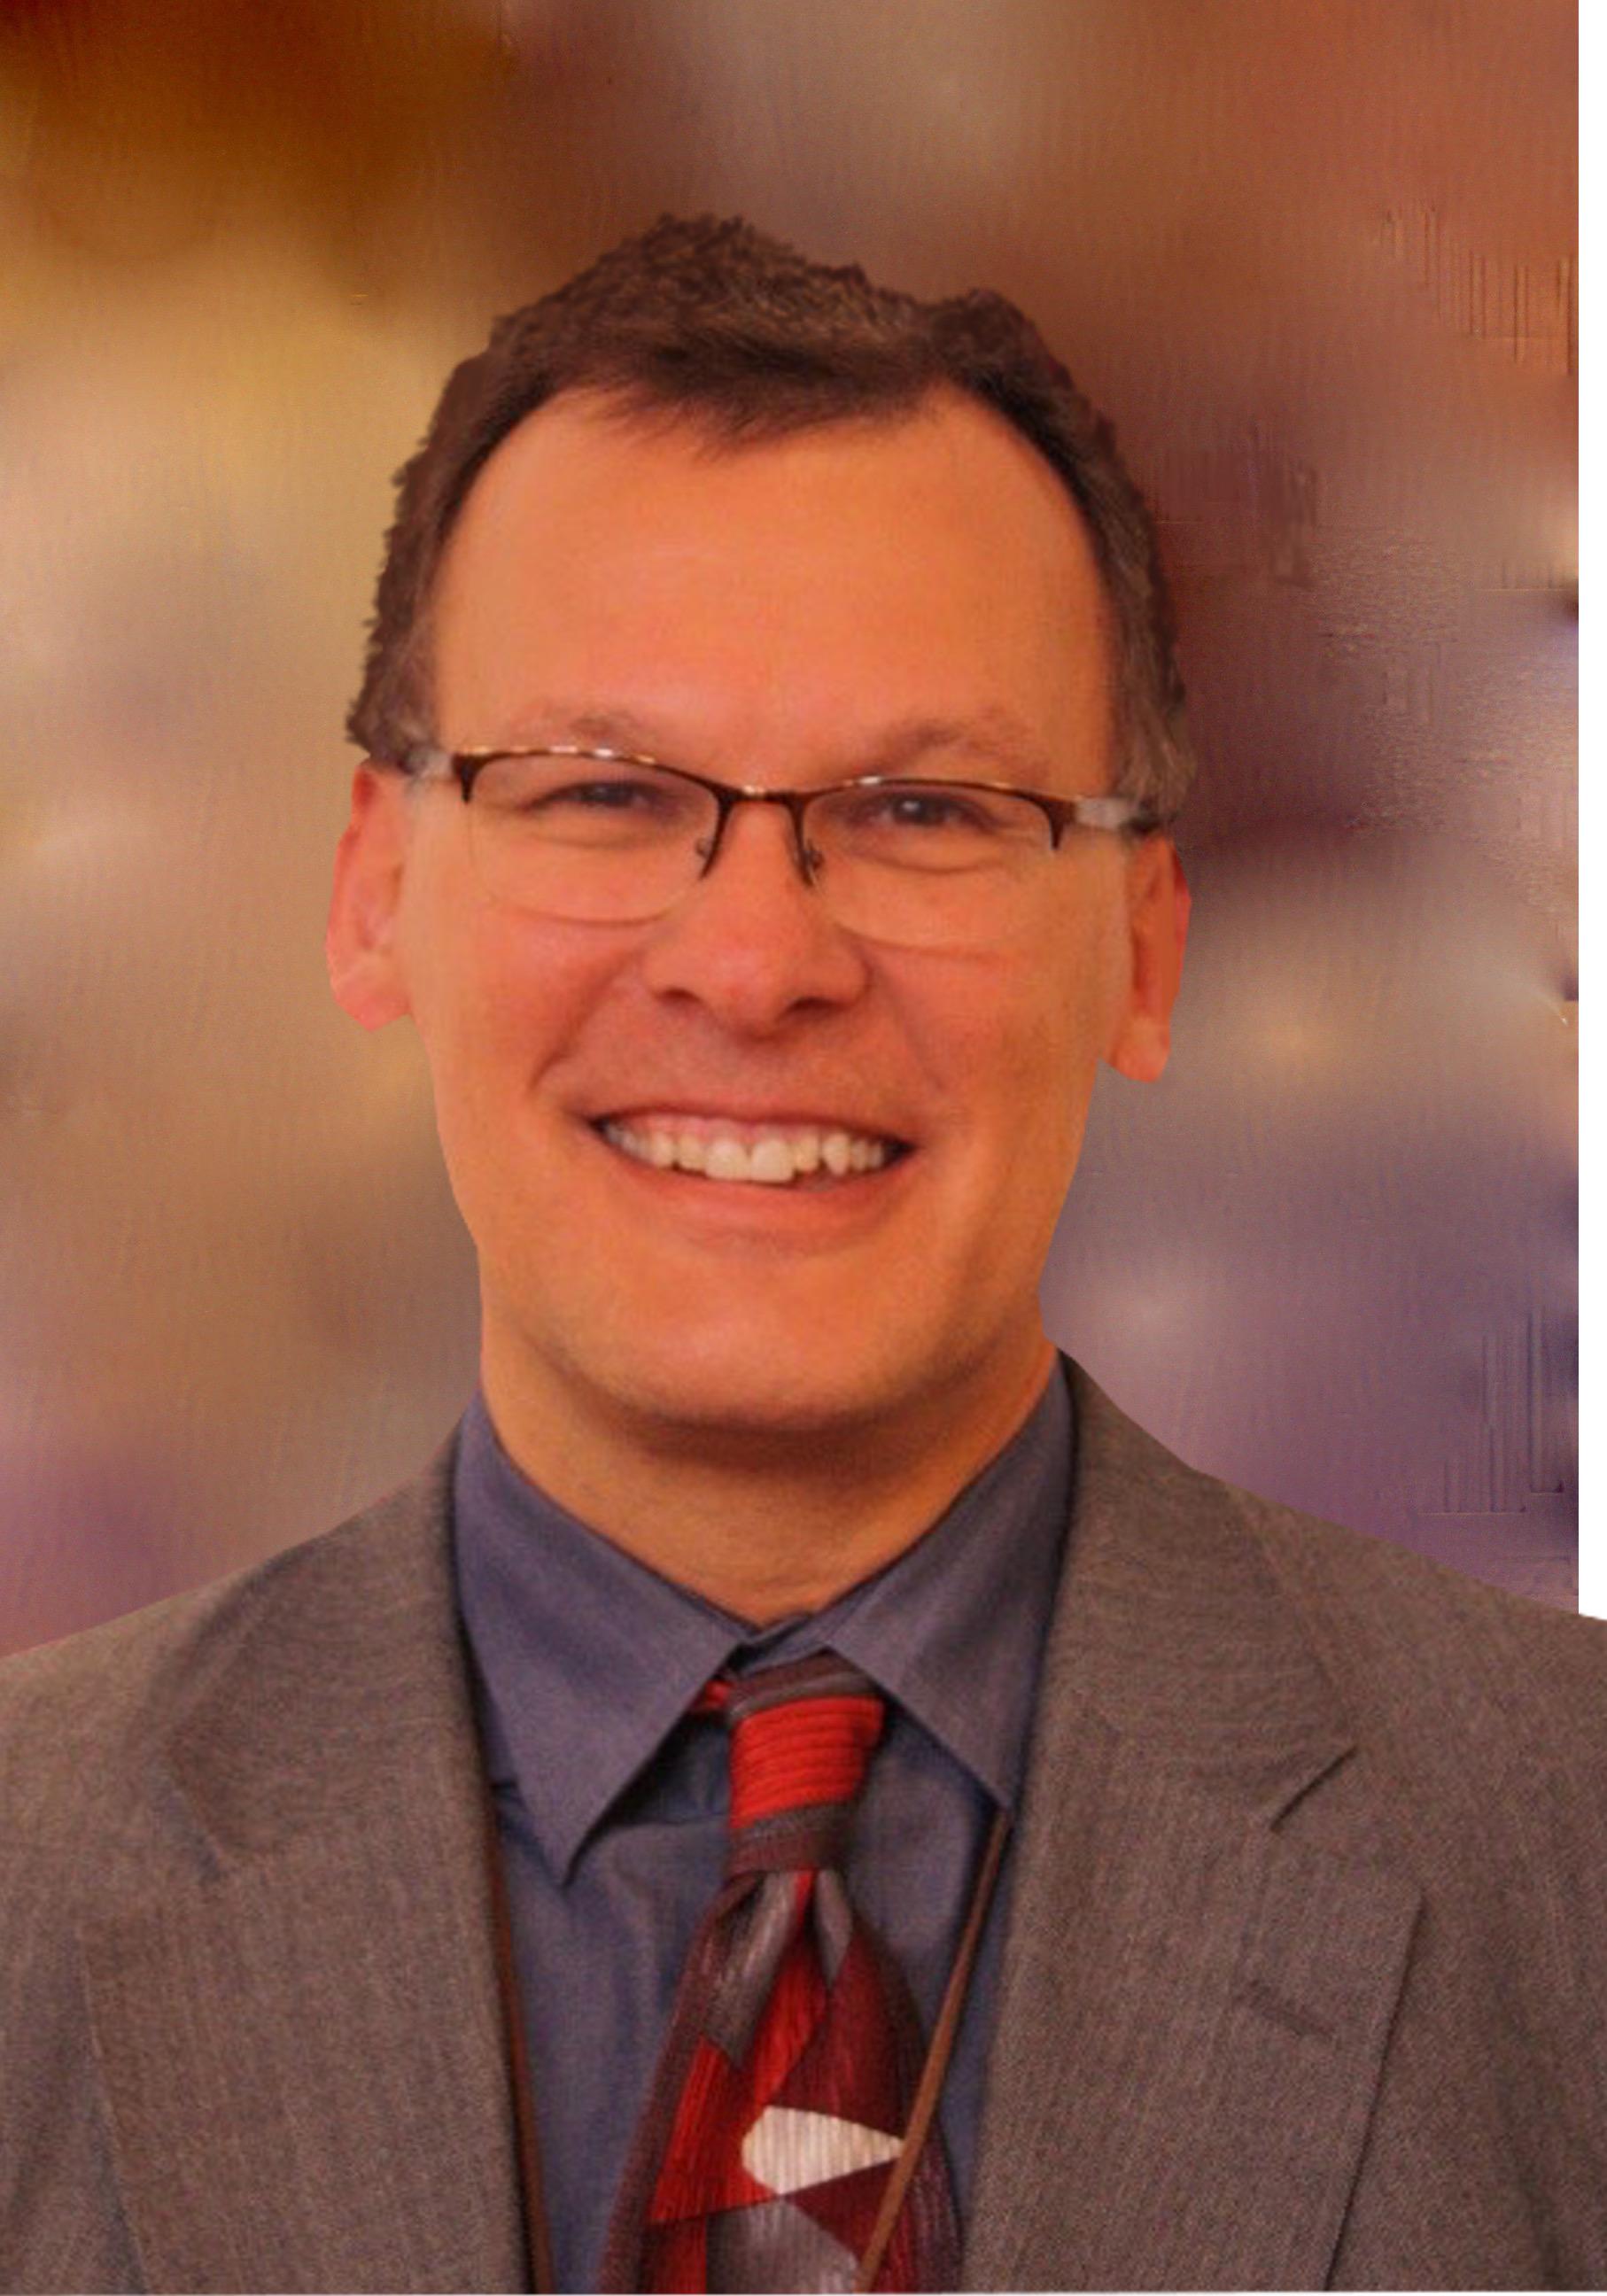 Rev. Rob Kopp, Pastor